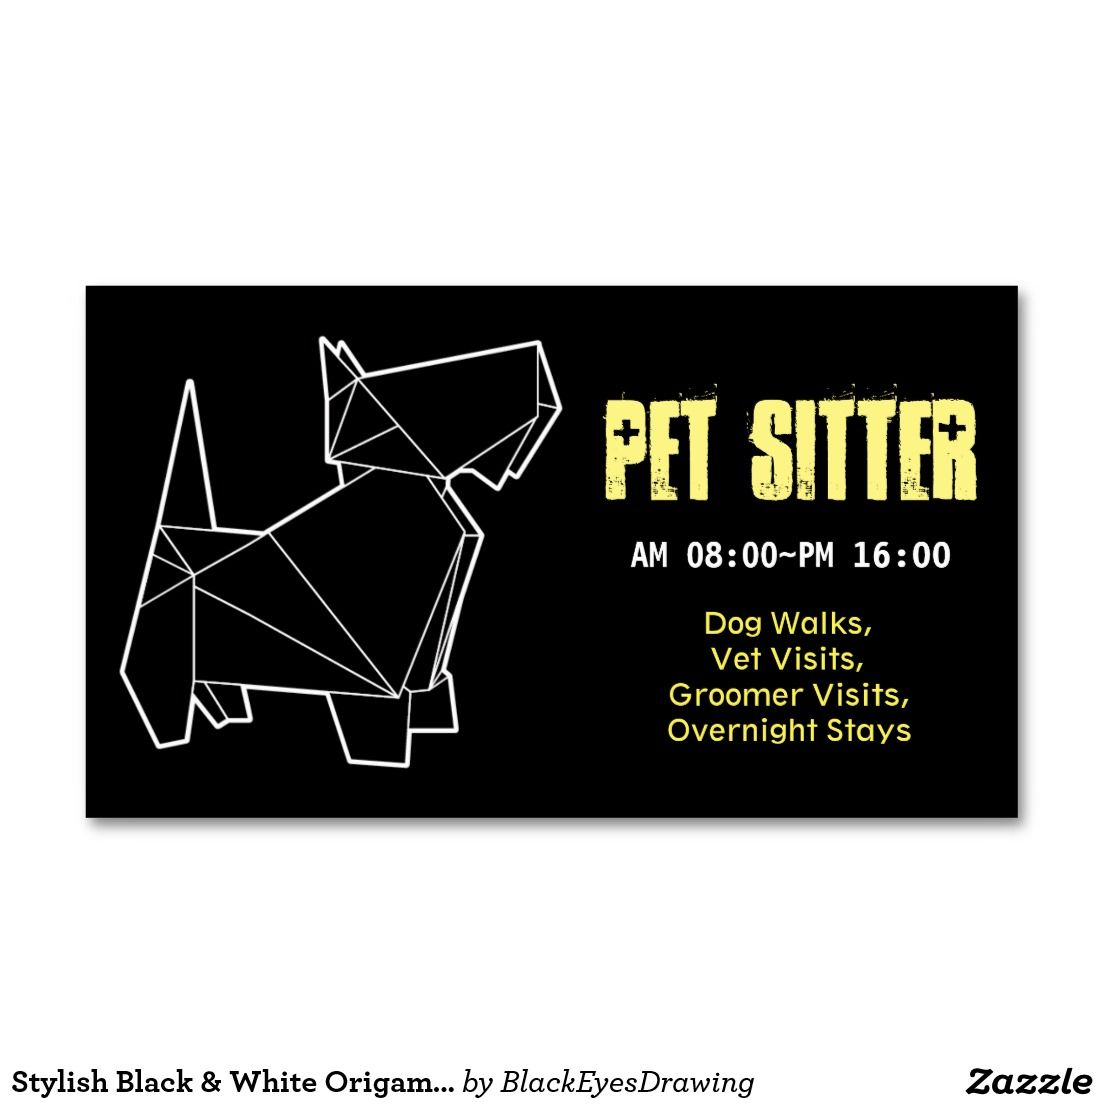 Stylish Black & White Origami Dog Pet Sitter Business Card | Dog